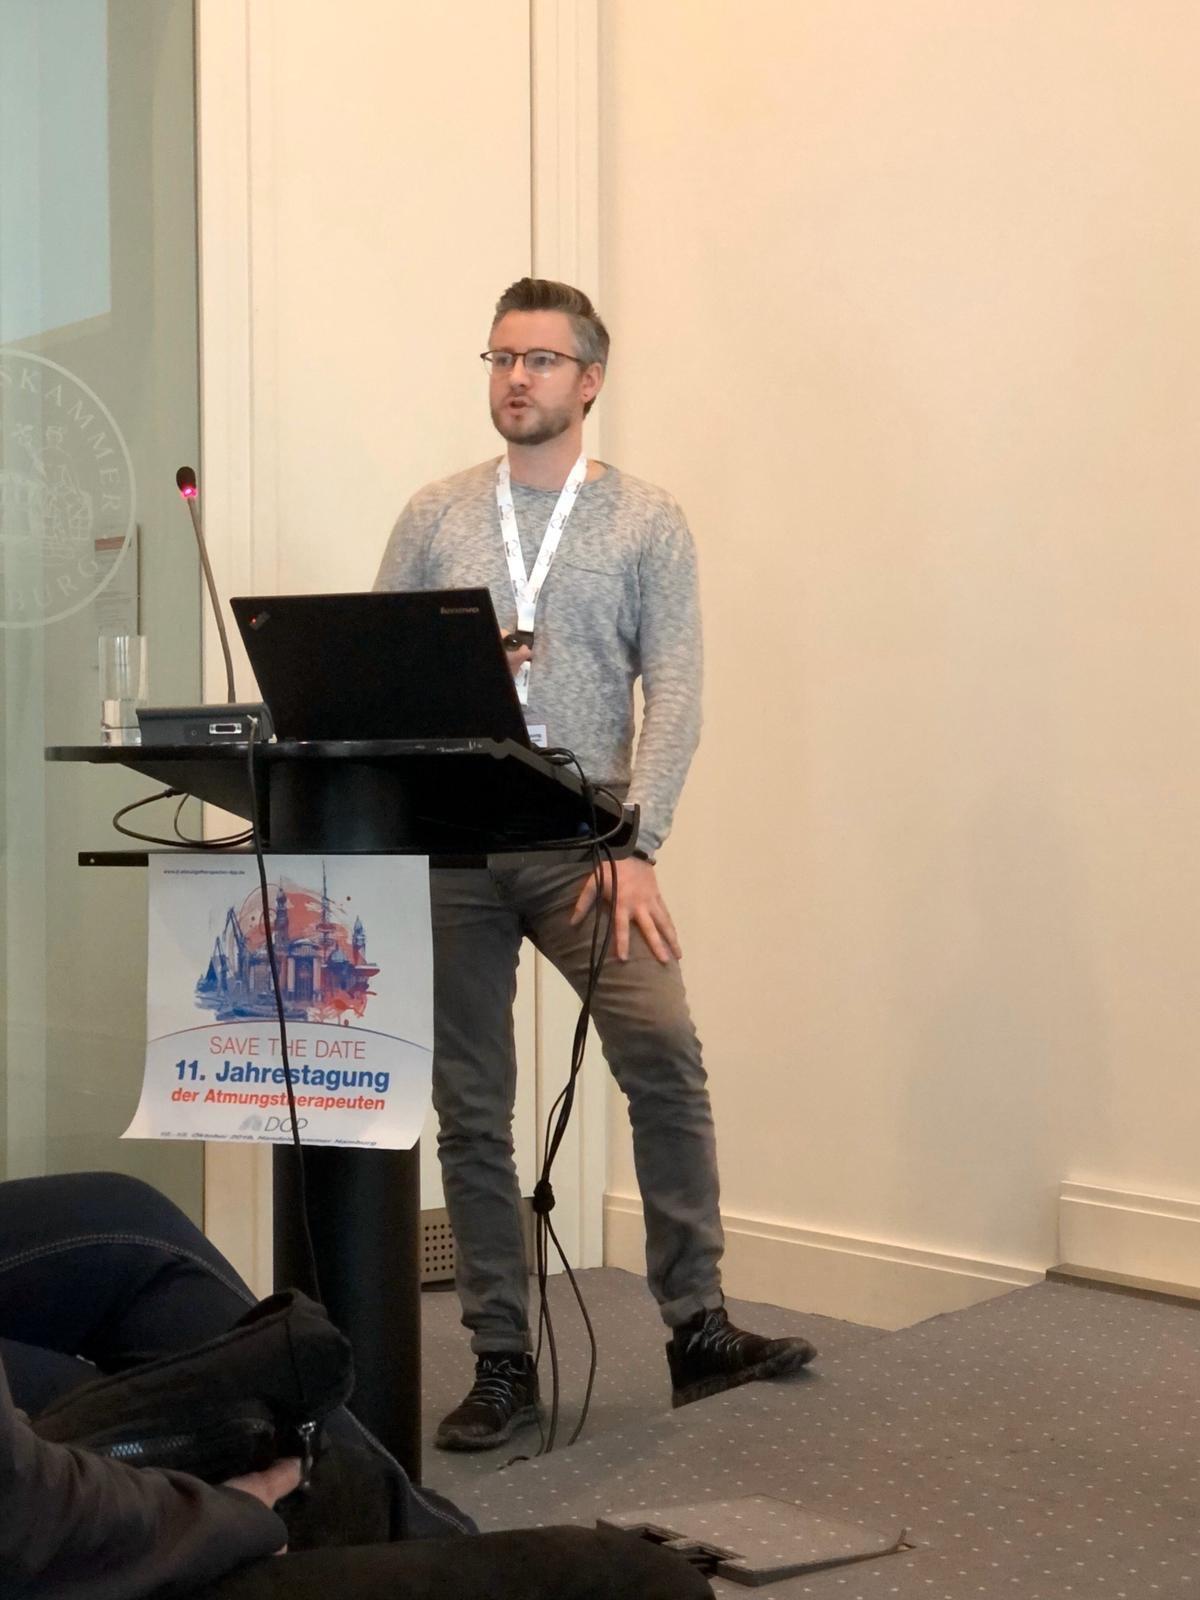 Philipp Gutschmidt hinter einem Rednerpult, auf dem das Logo des AT-Kongress zu sehen ist.